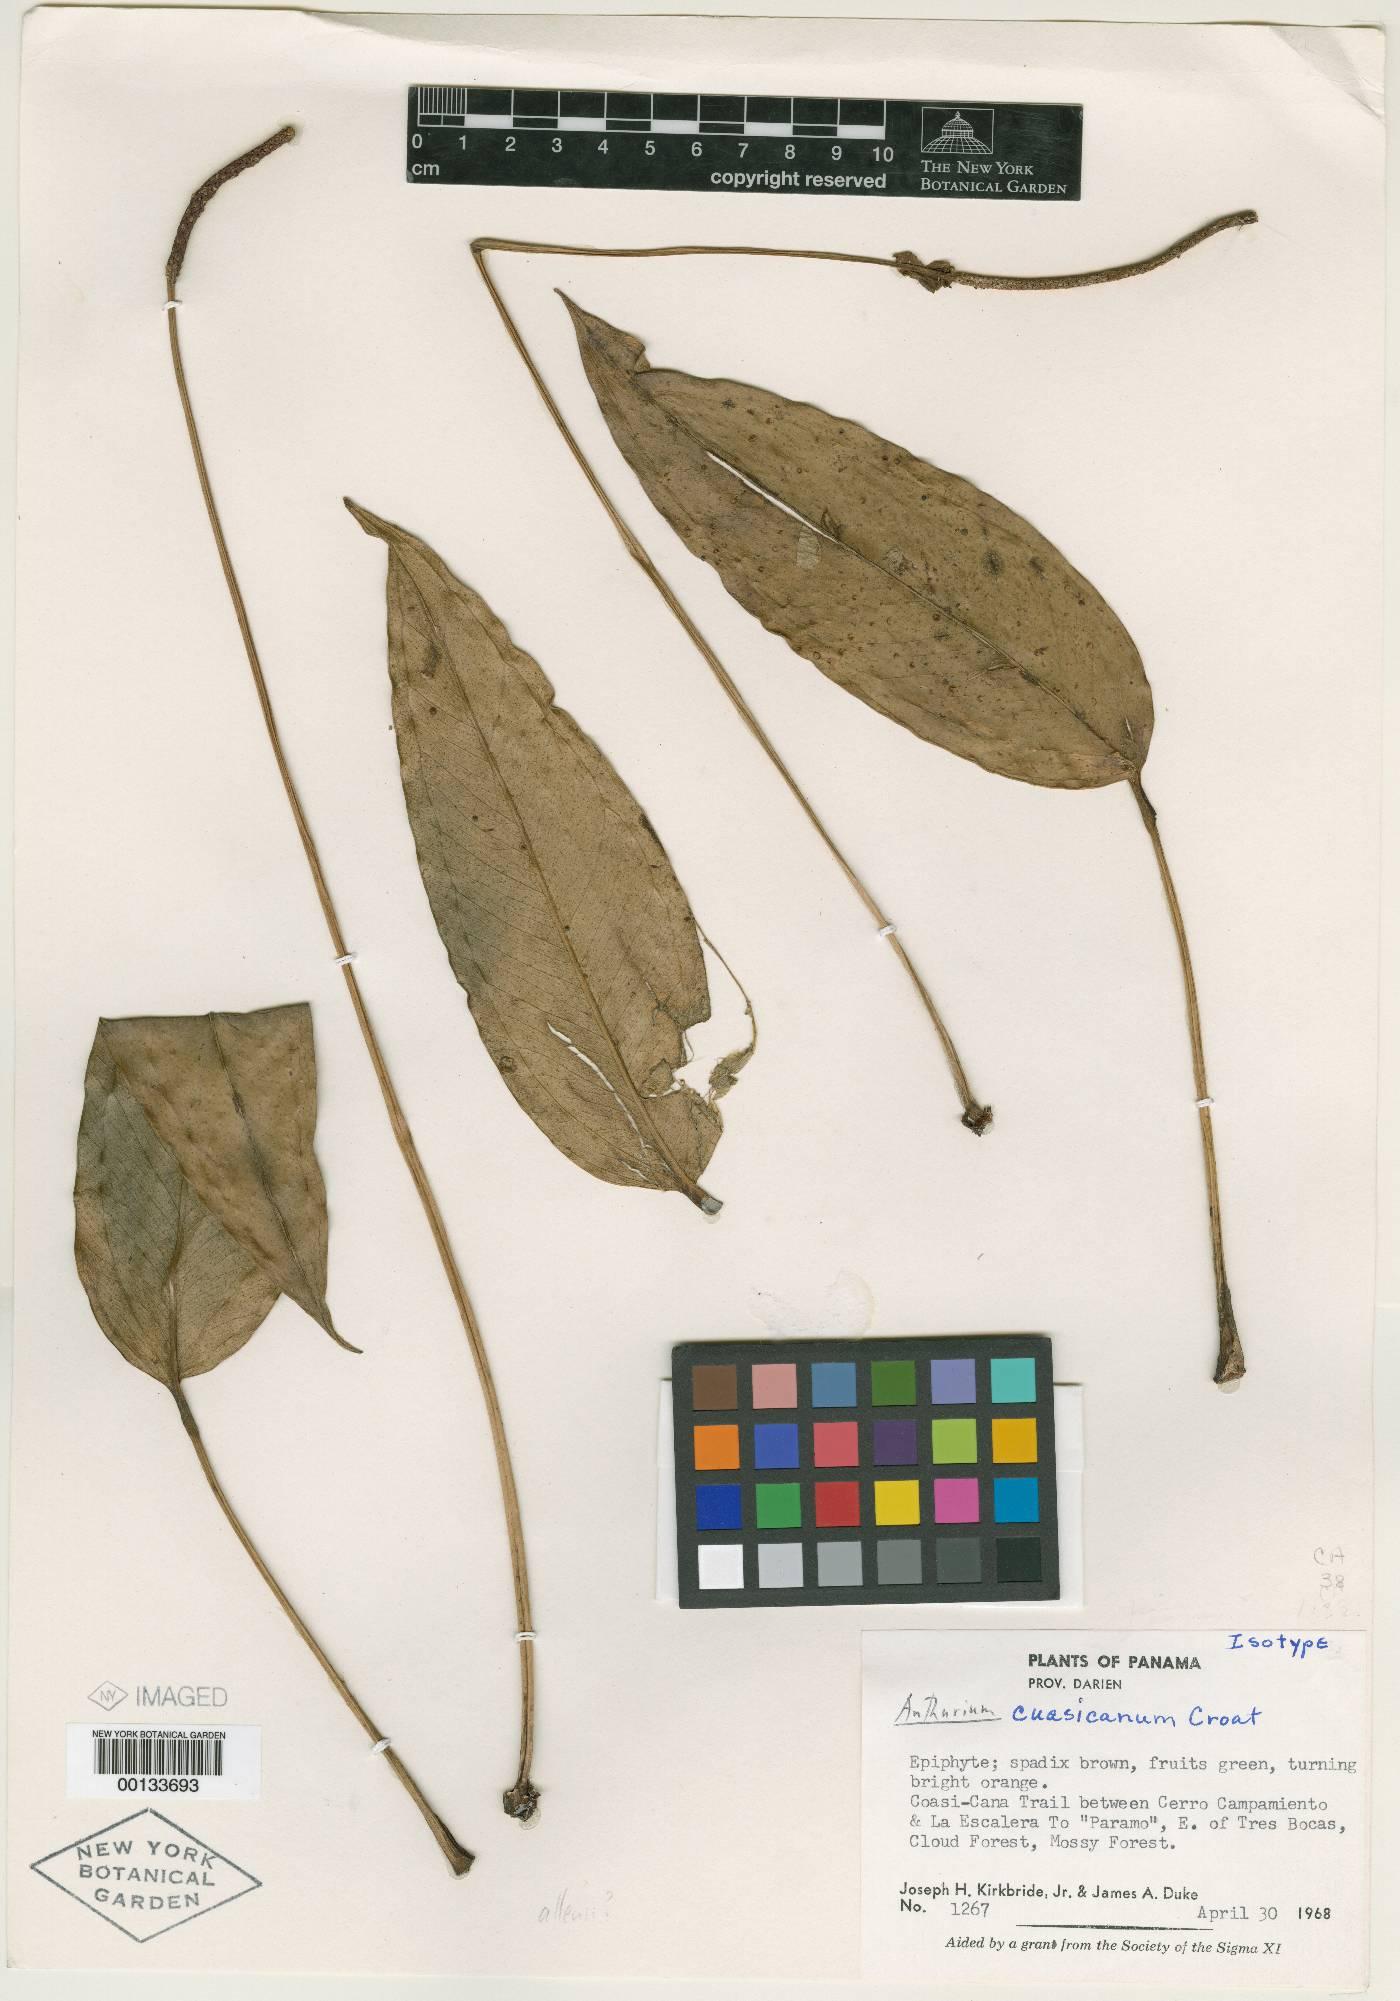 Anthurium cuasicanum image